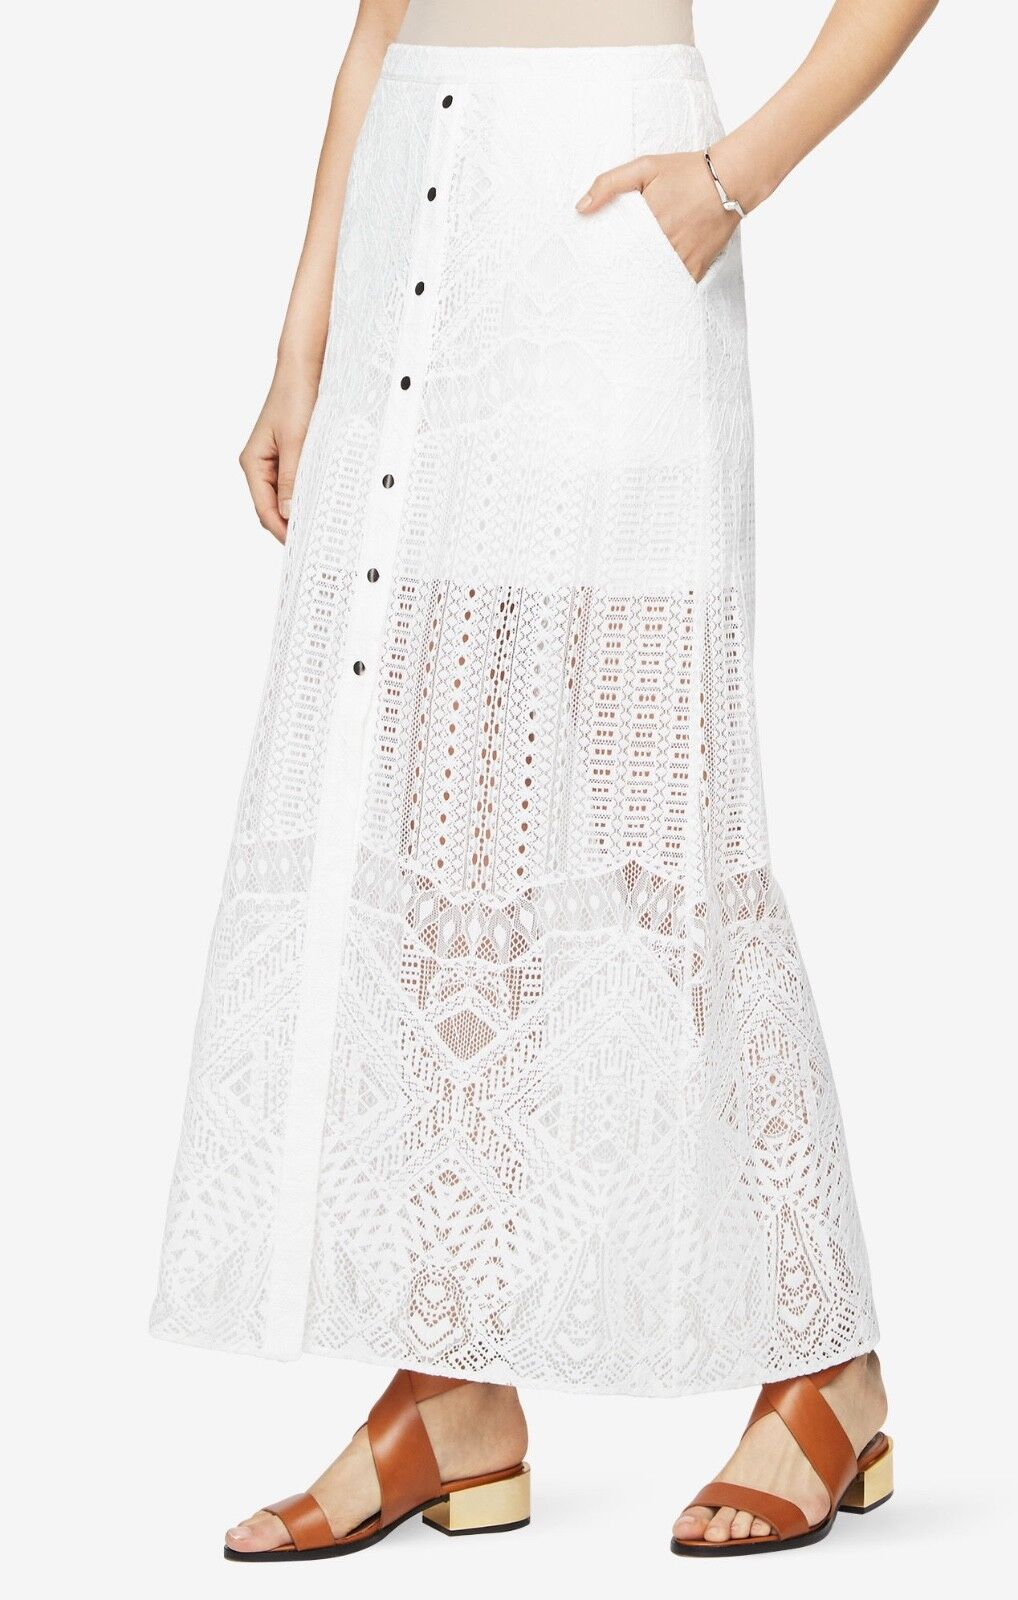 257 New Women's Bcbg Max azria Harper Lace Maxi Skirt SZ 0 =27 off White